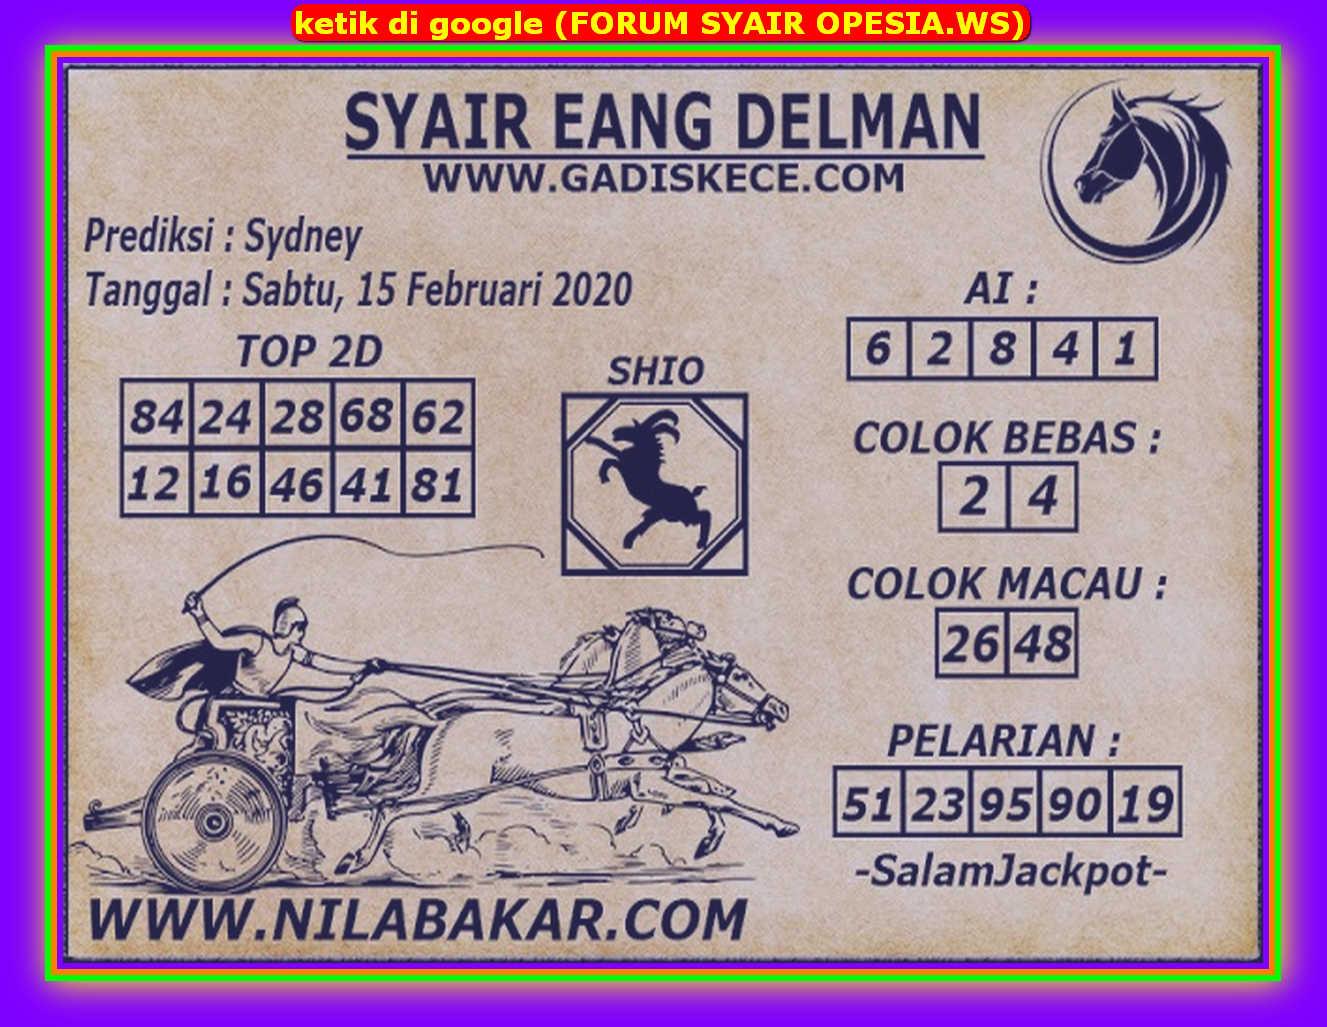 Kode syair Sydney Sabtu 15 Februari 2020 54